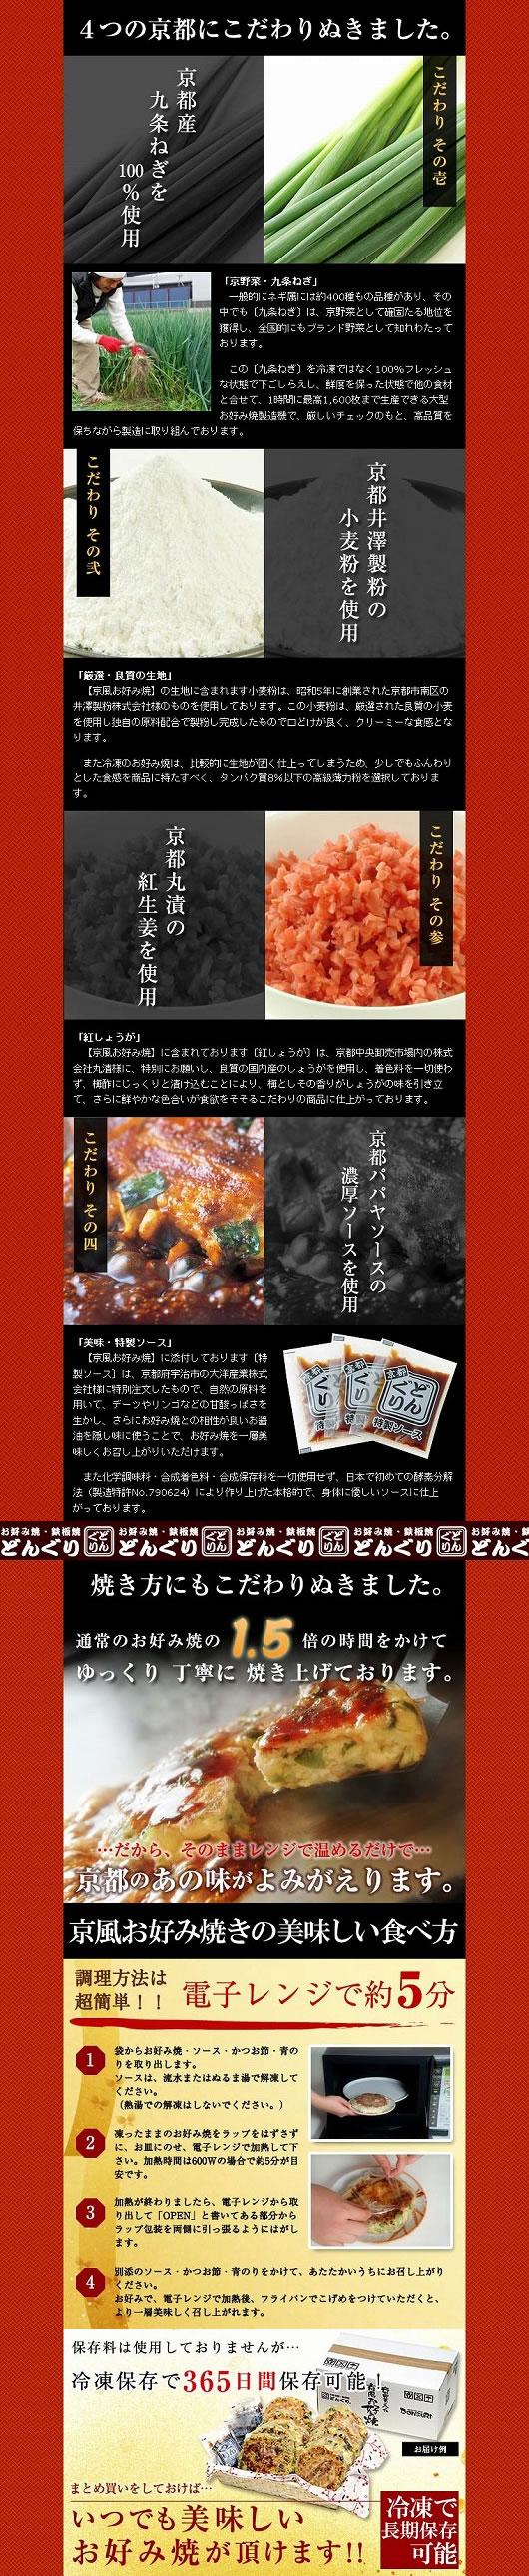 京風お好み焼きセット.jpg